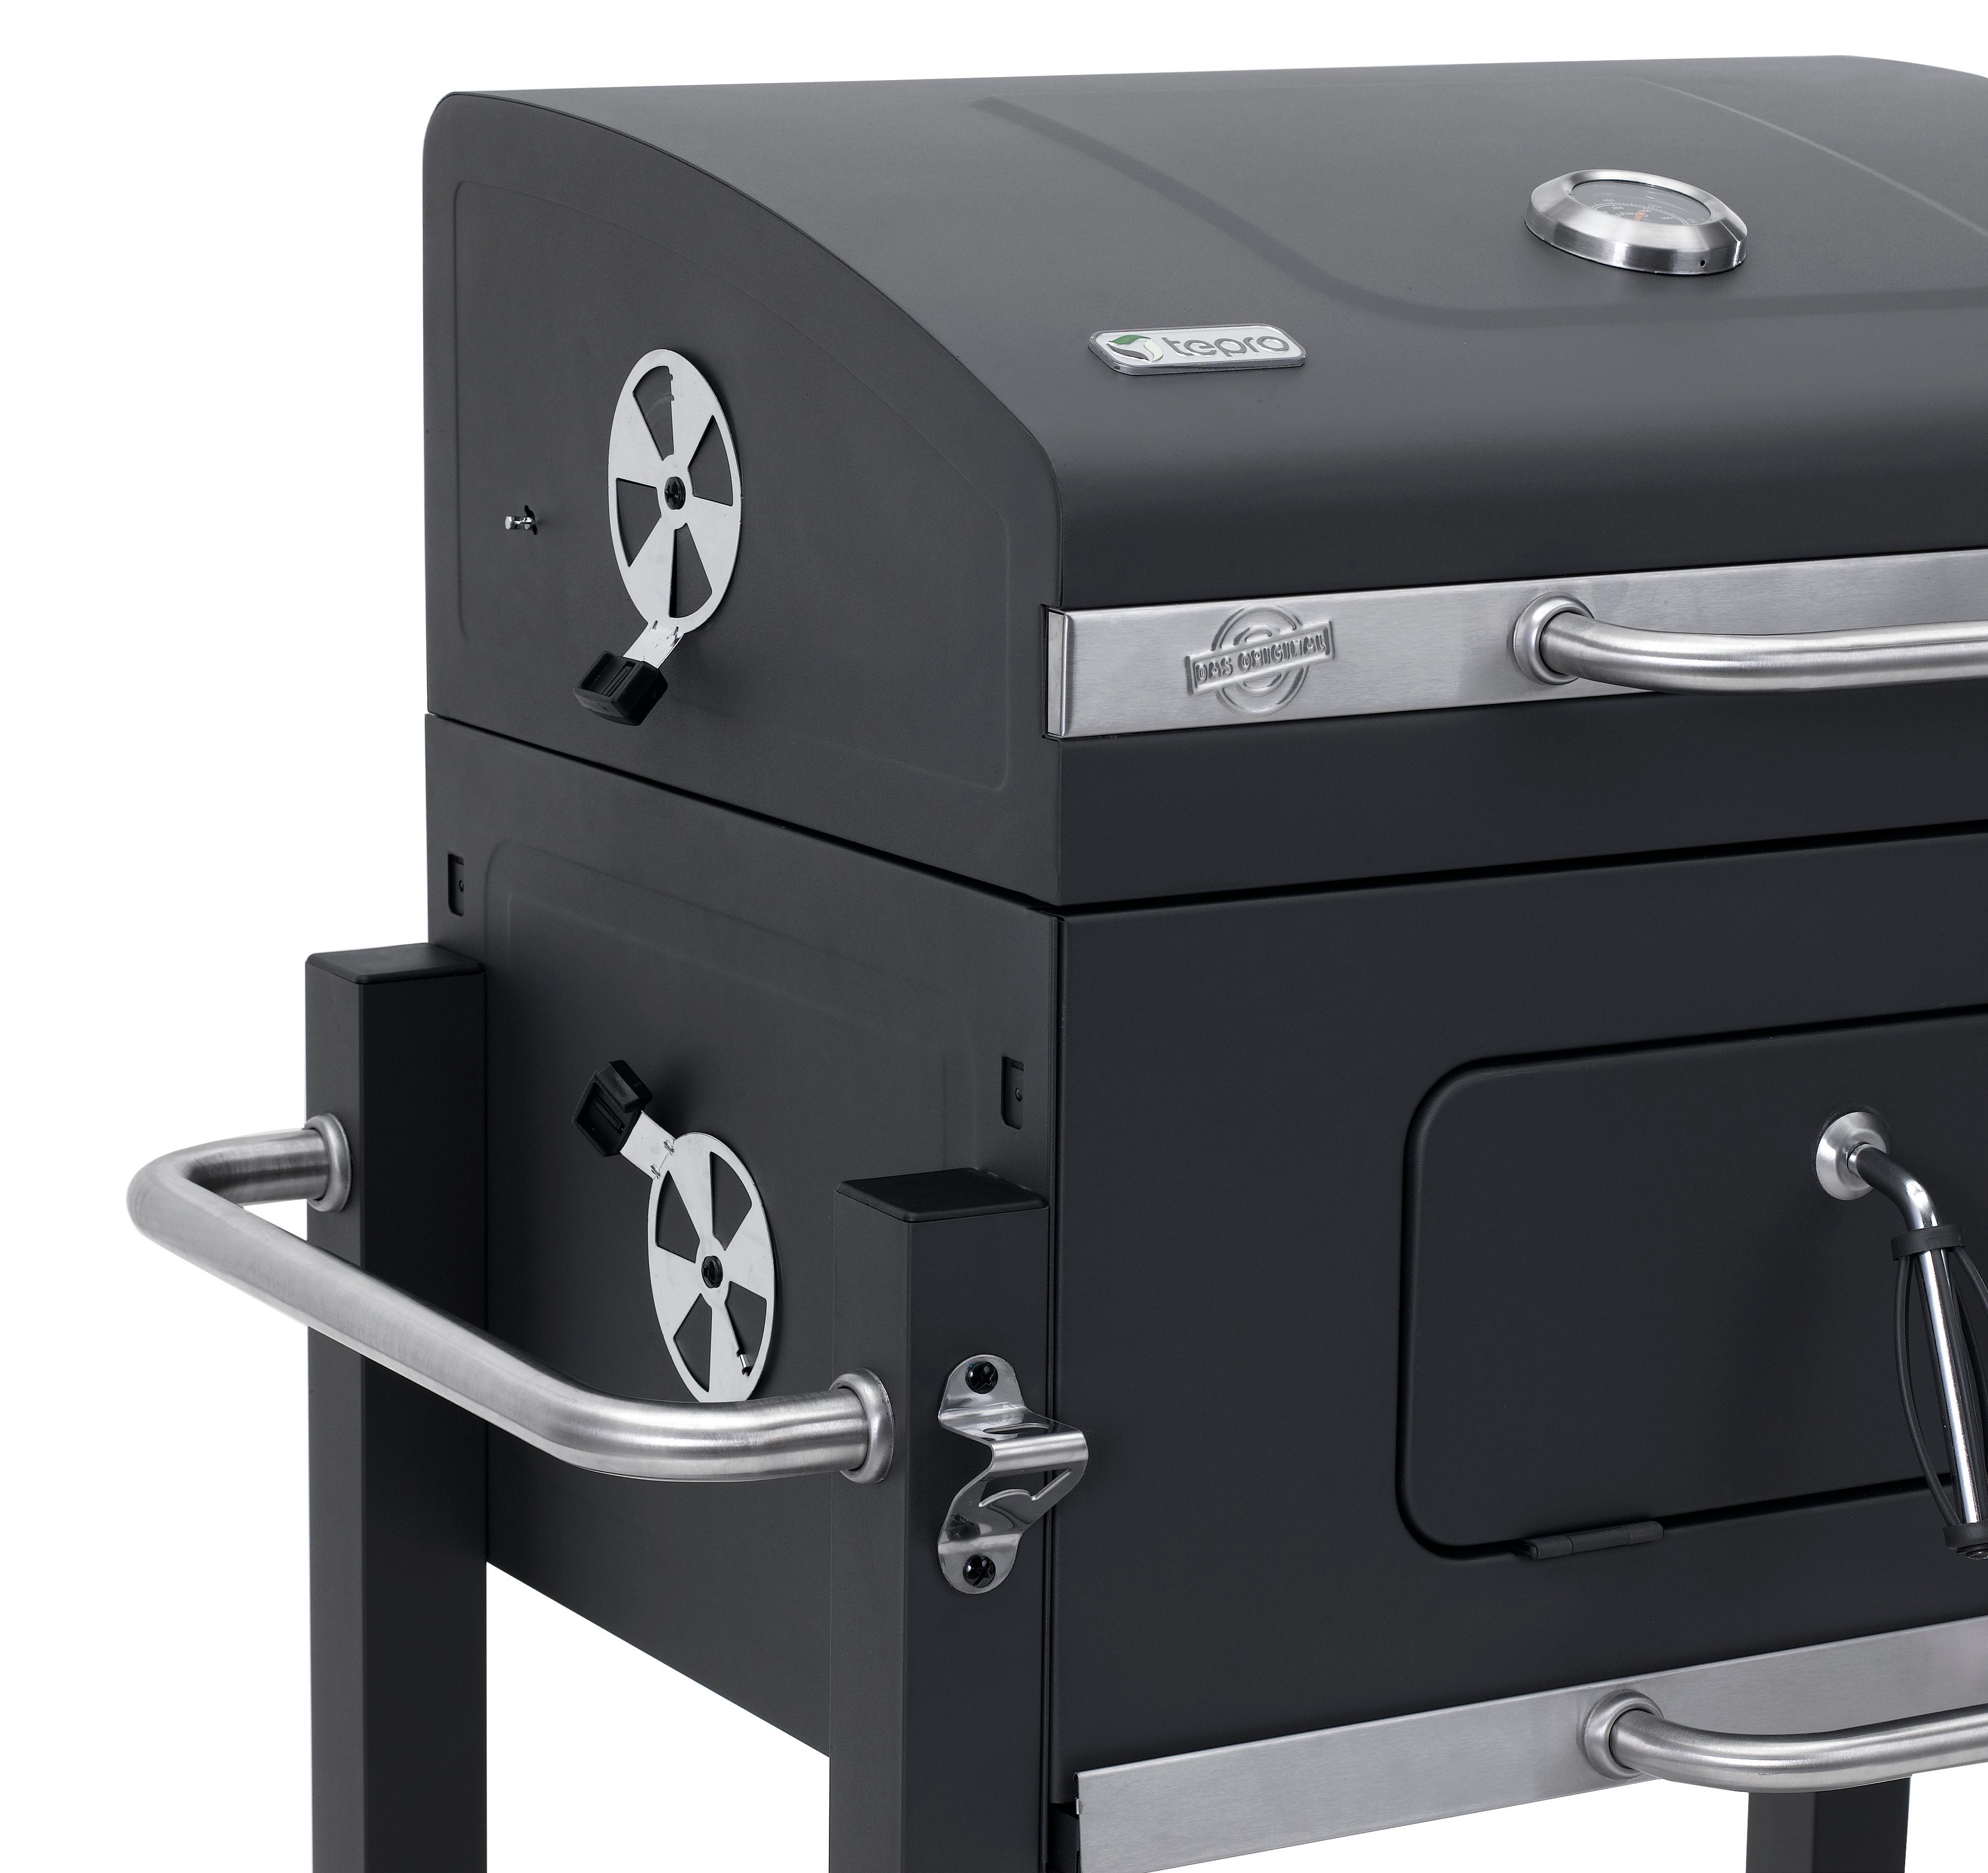 tepro grillwagen toronto xxl holzkohlengrill garten. Black Bedroom Furniture Sets. Home Design Ideas